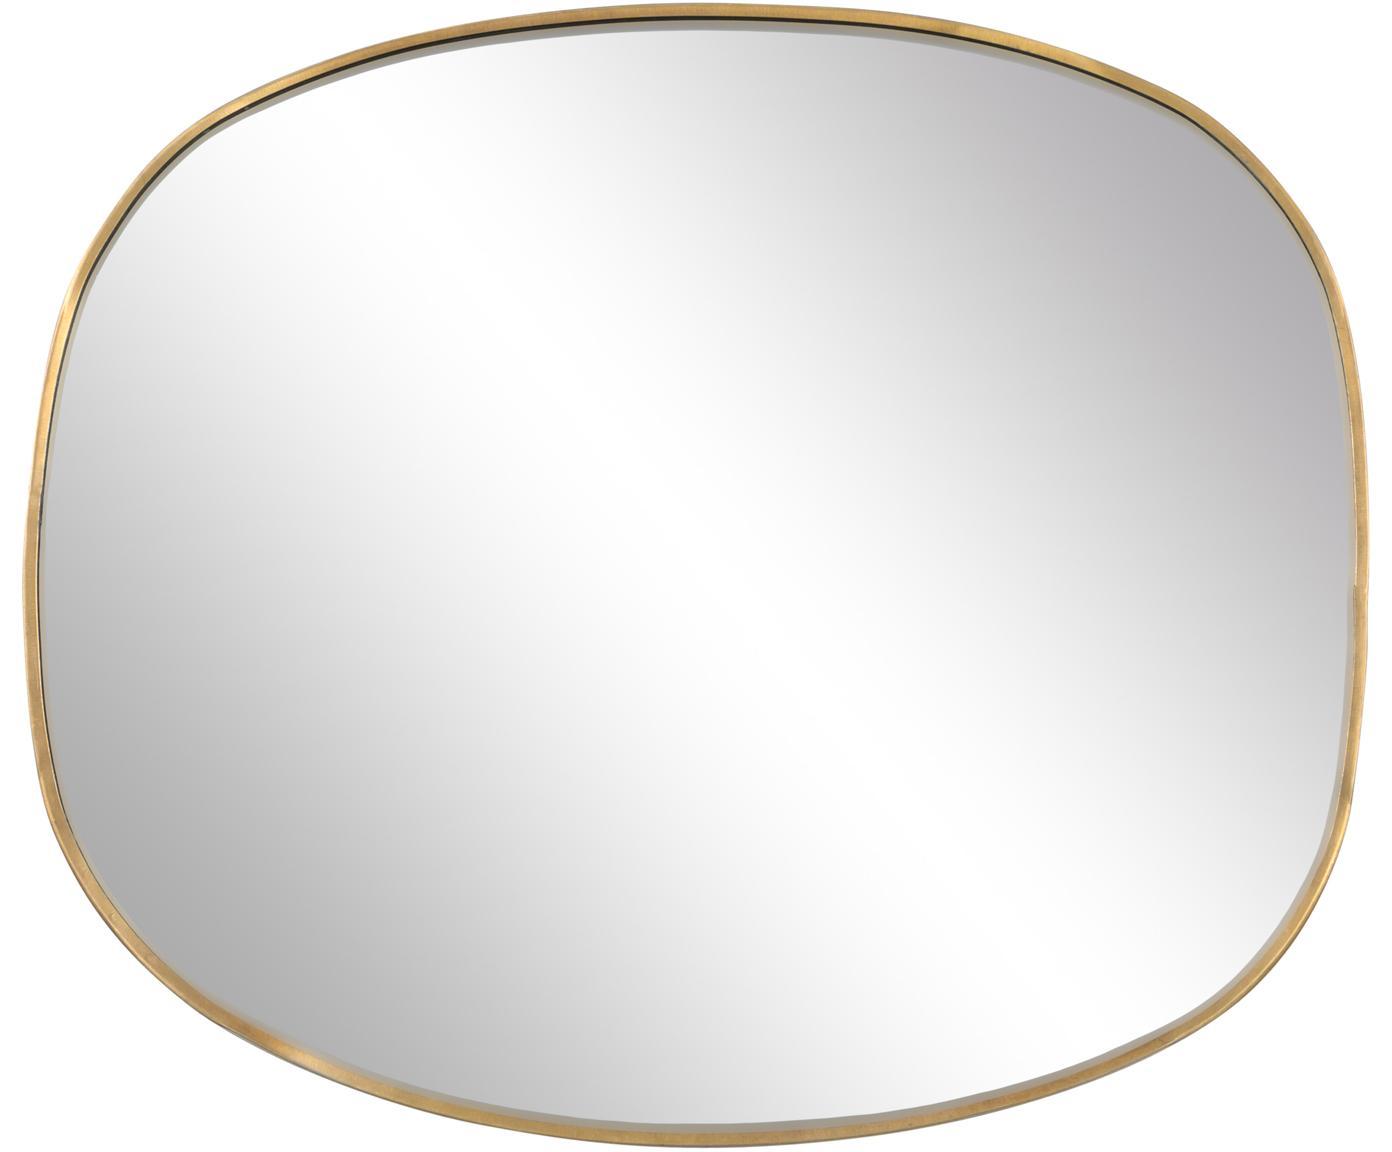 Wandspiegel Daily Pretty mit Rahmen aus Messing, Rahmen: Messing, Spiegelfläche: Spiegelglas, Messing, 31 x 36 cm